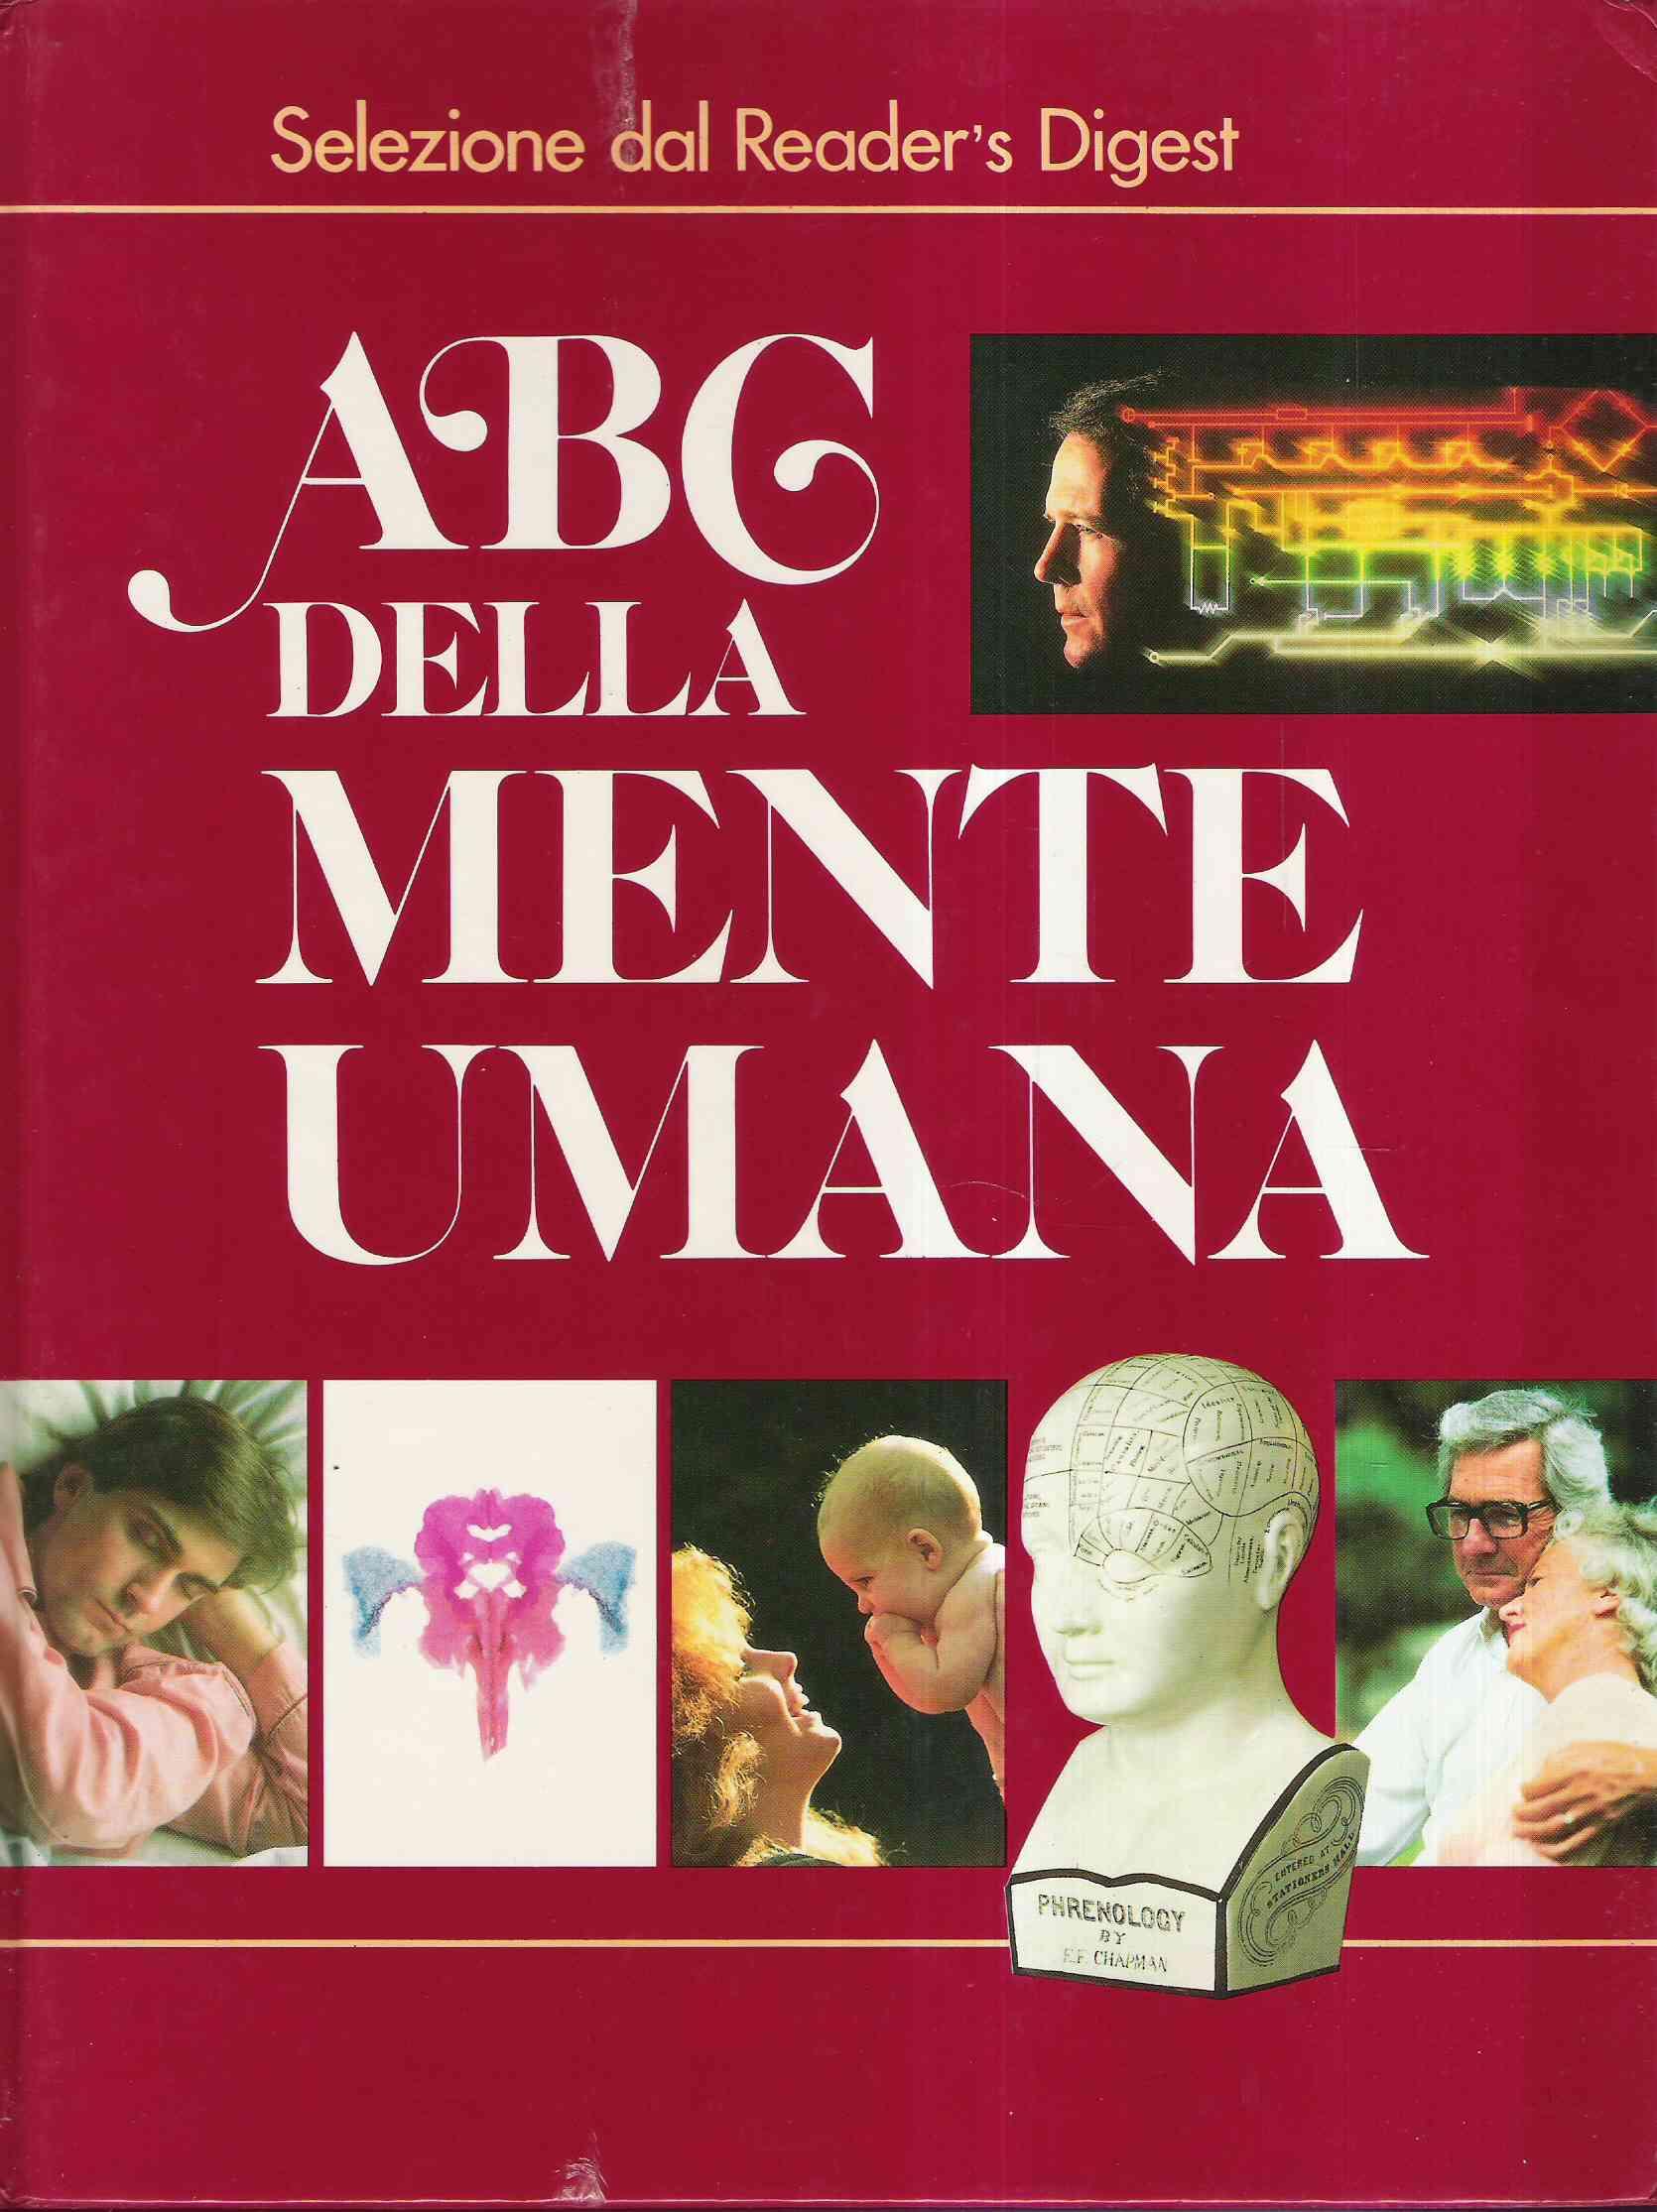 ABC della mente umana